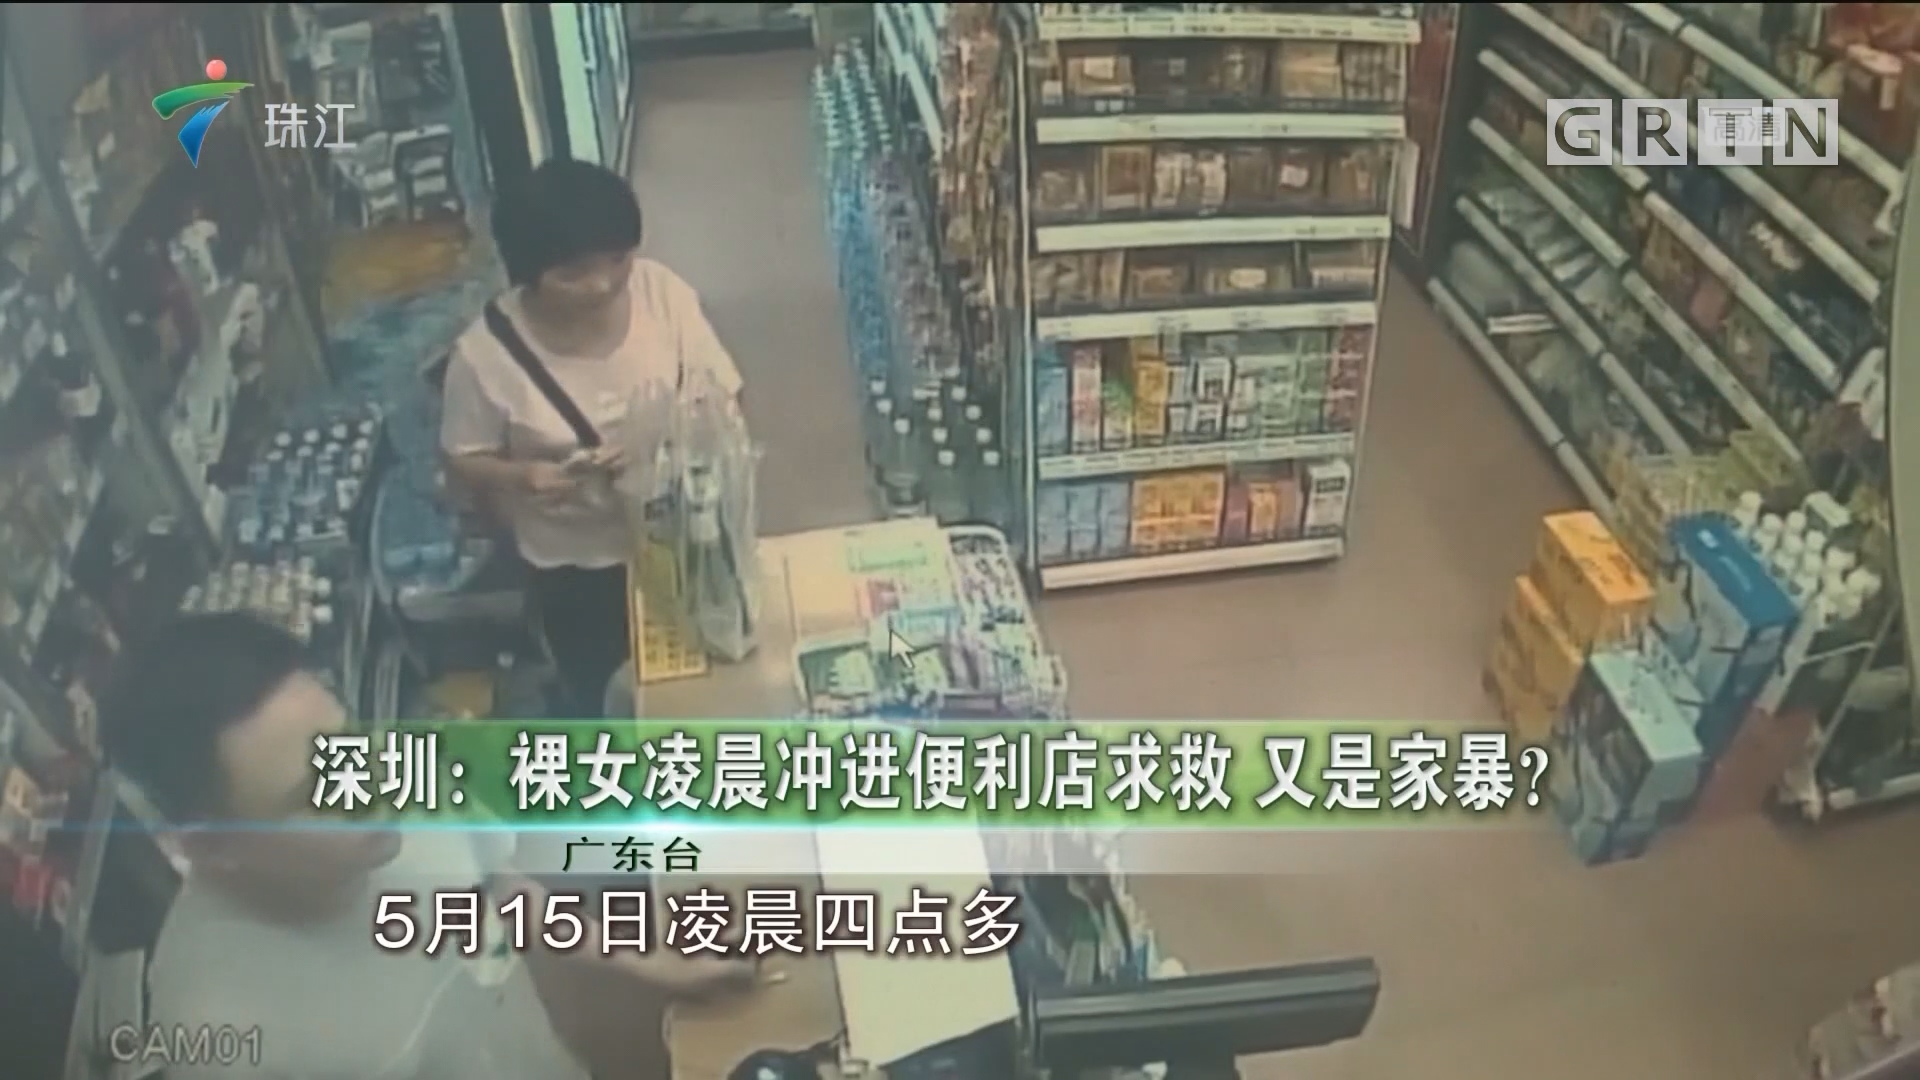 深圳:裸女凌晨冲进便利店求救 又是家暴?